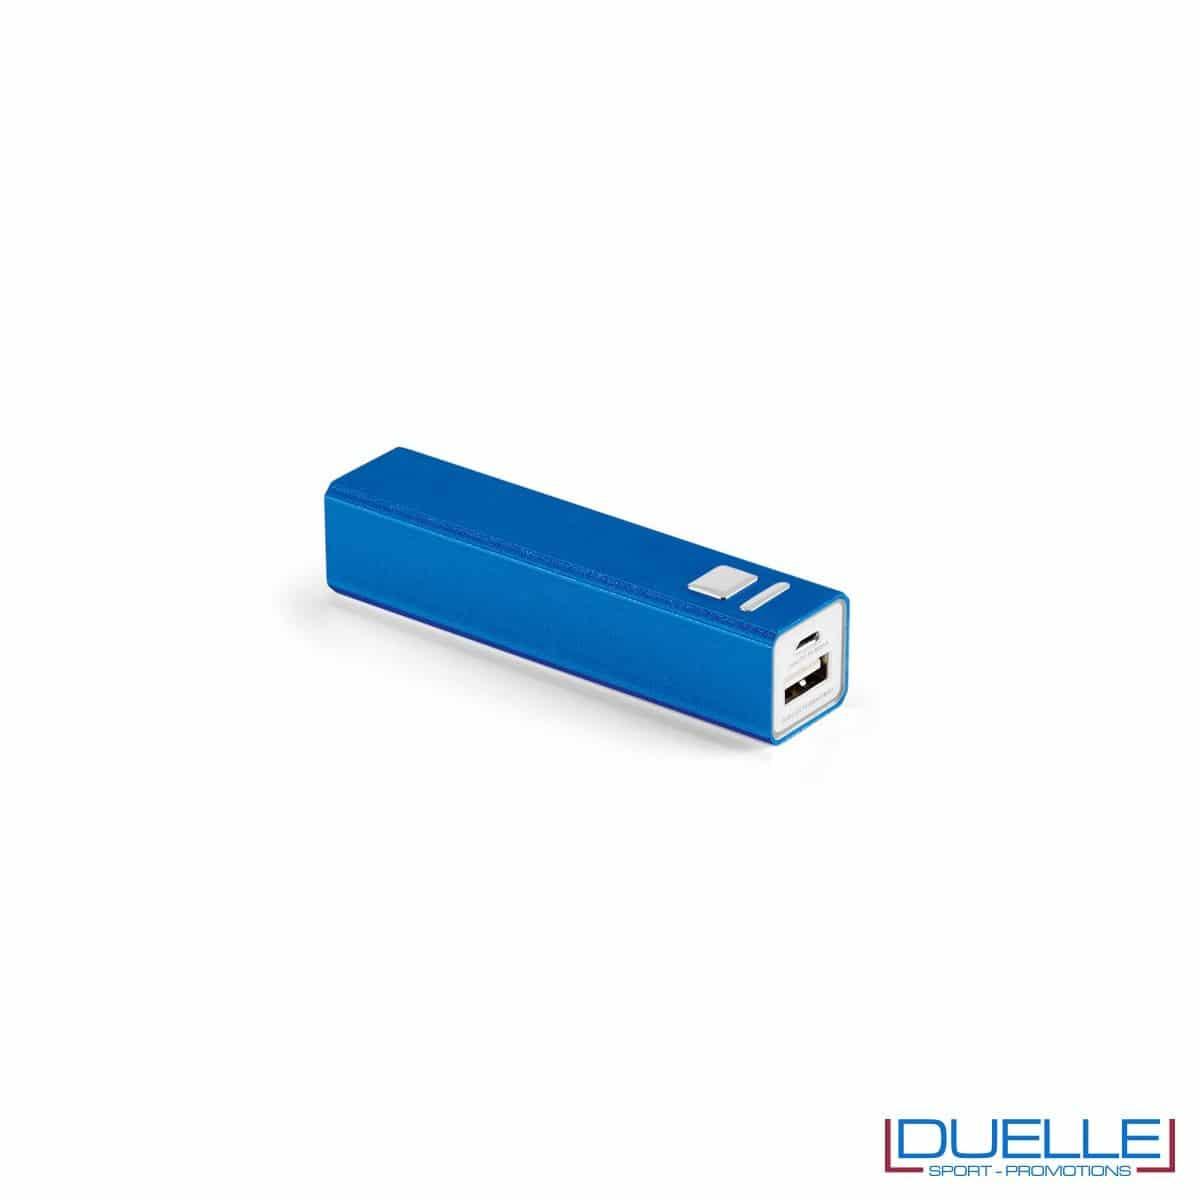 power bank personalizzato in alluminio blu con interruttore on-off, power bank personalizzati con incisione laser